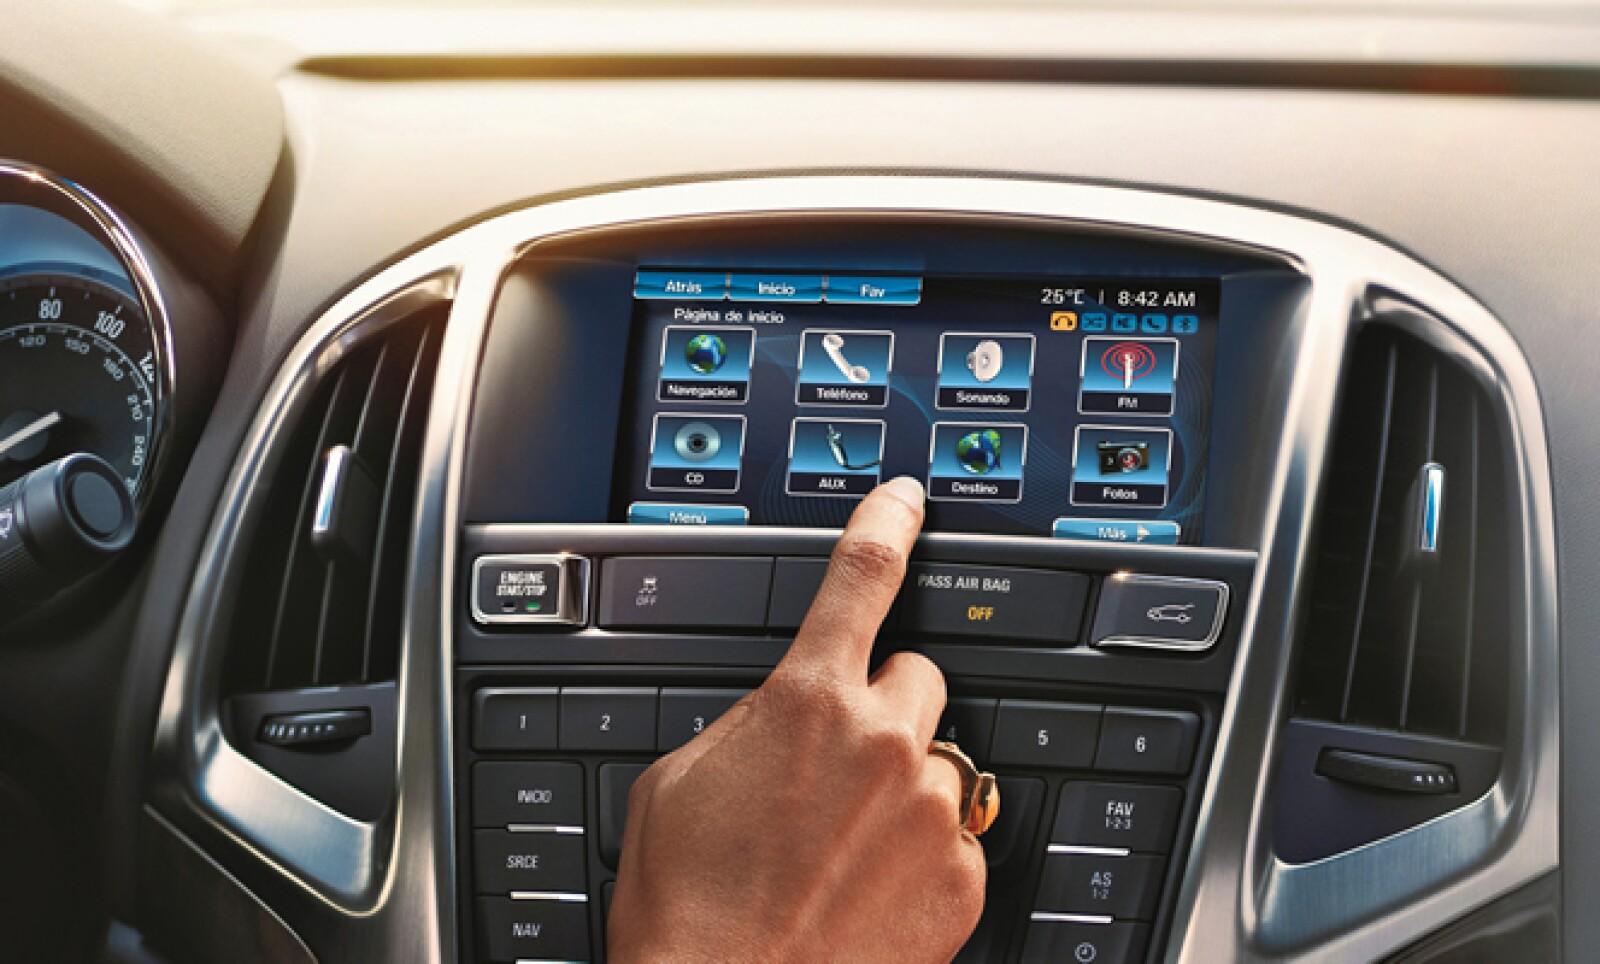 Las tendencias indican que cada día habrá más dispositivos interconectados y los automóviles de lujo nos son la excepción. Conoce a continuación cuatro vehículos con apps para aumentar tu productividad al volante.